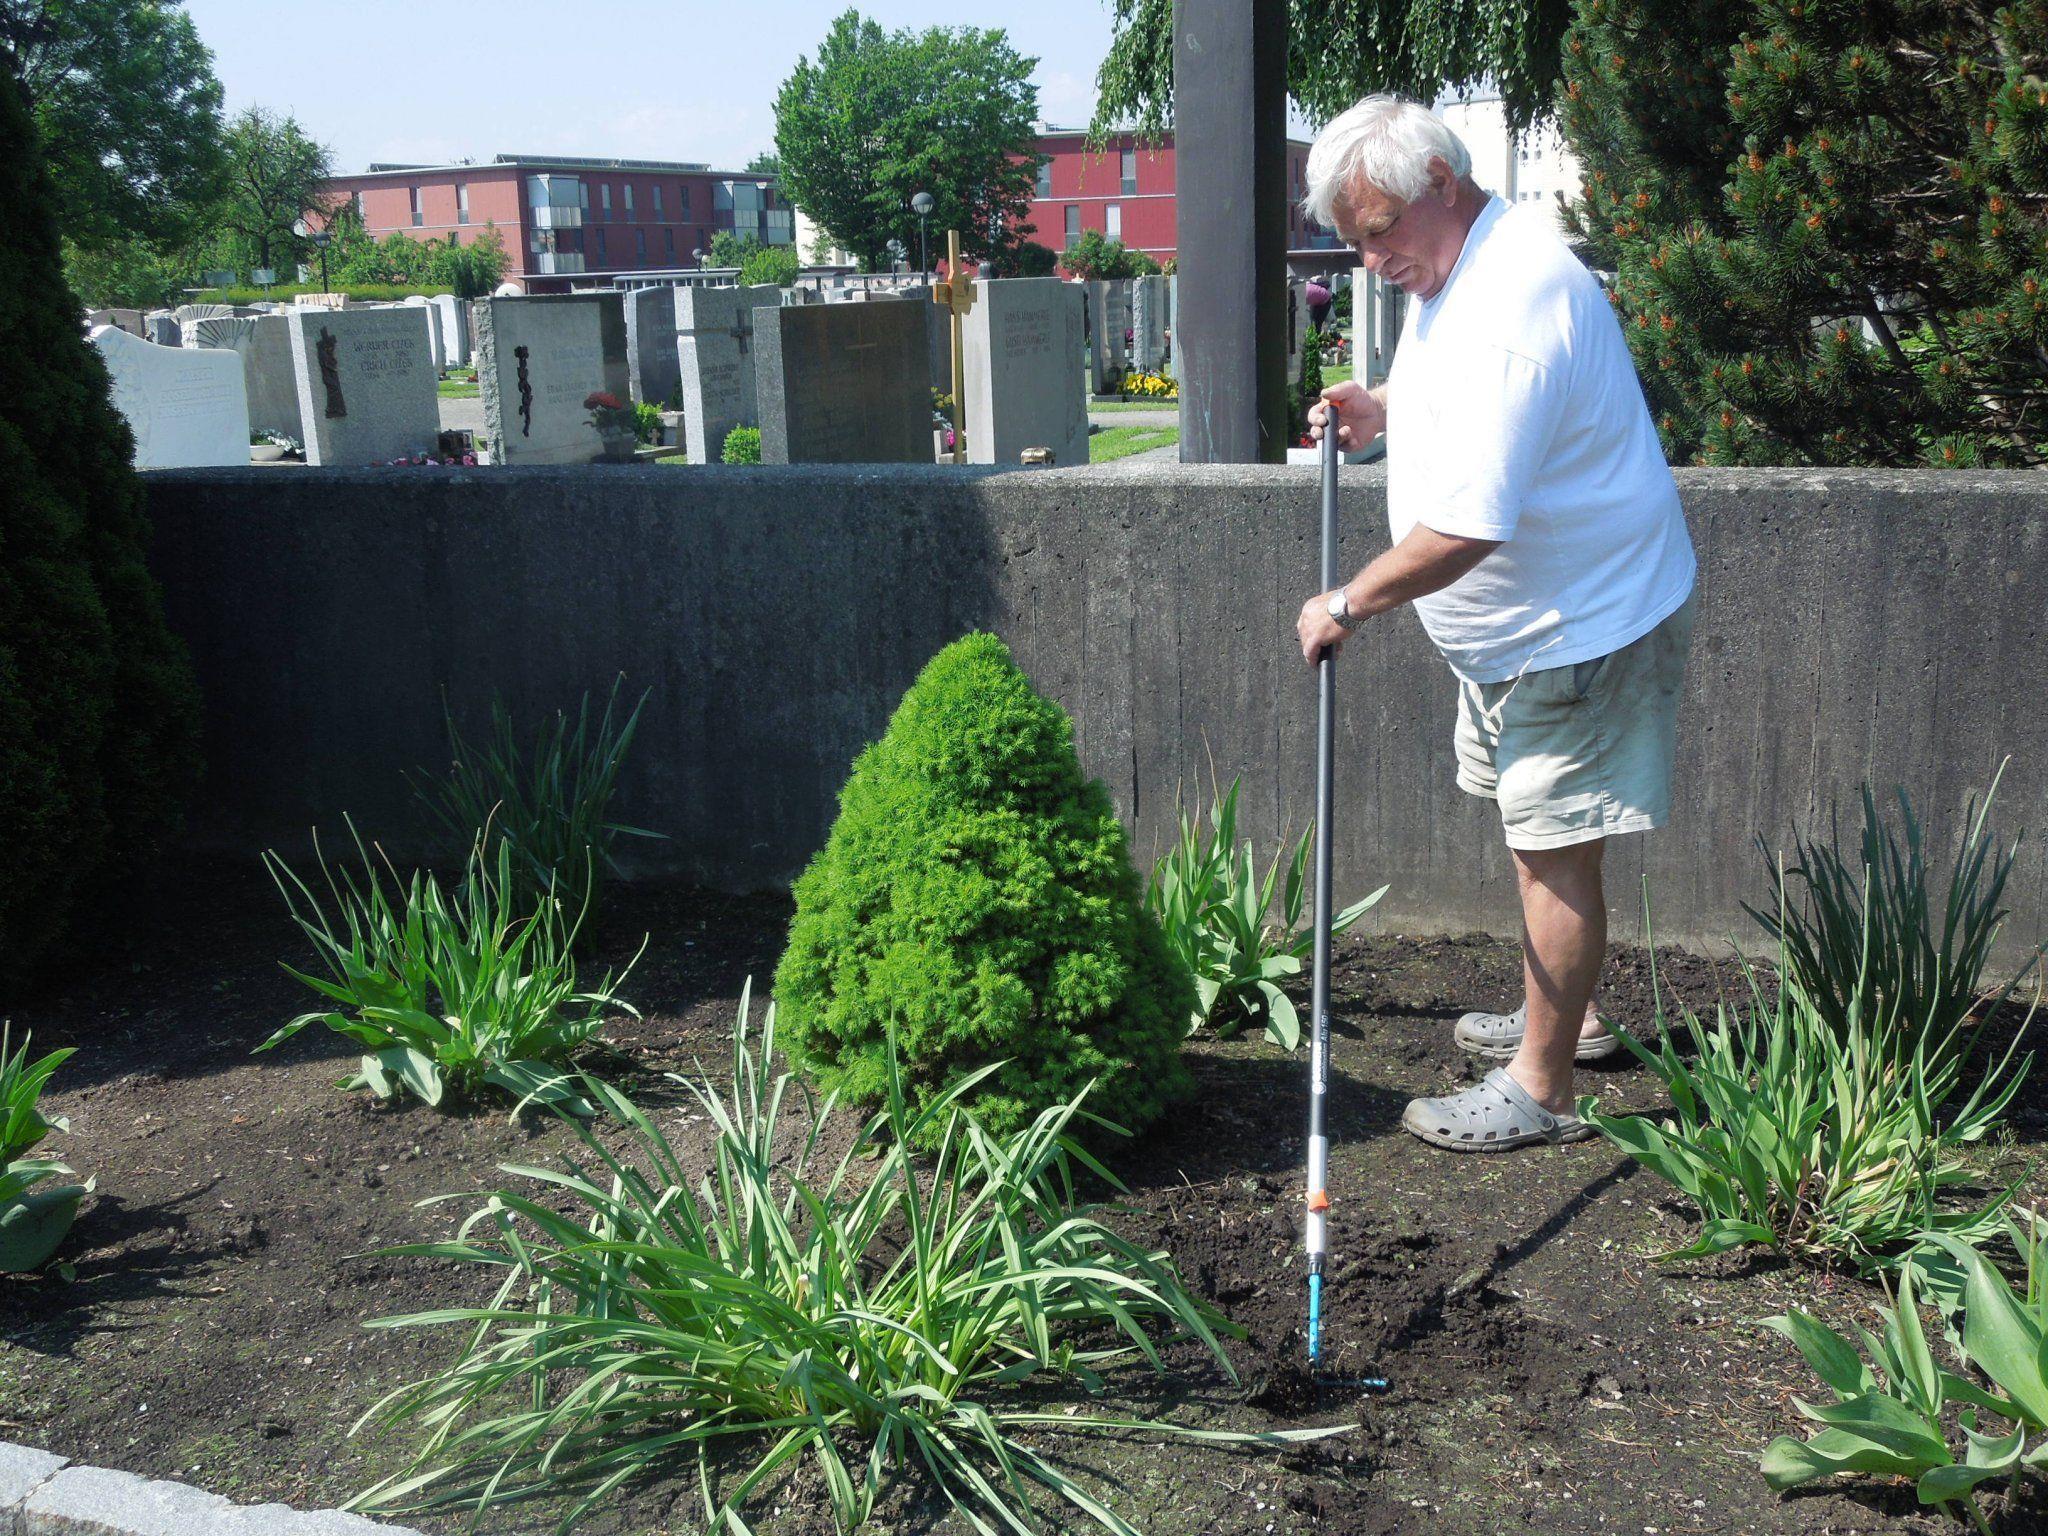 Friedhofswärter Peter Neher vom Friedhof Hasenfeld spritzt die Buxbäume regelmäßig.